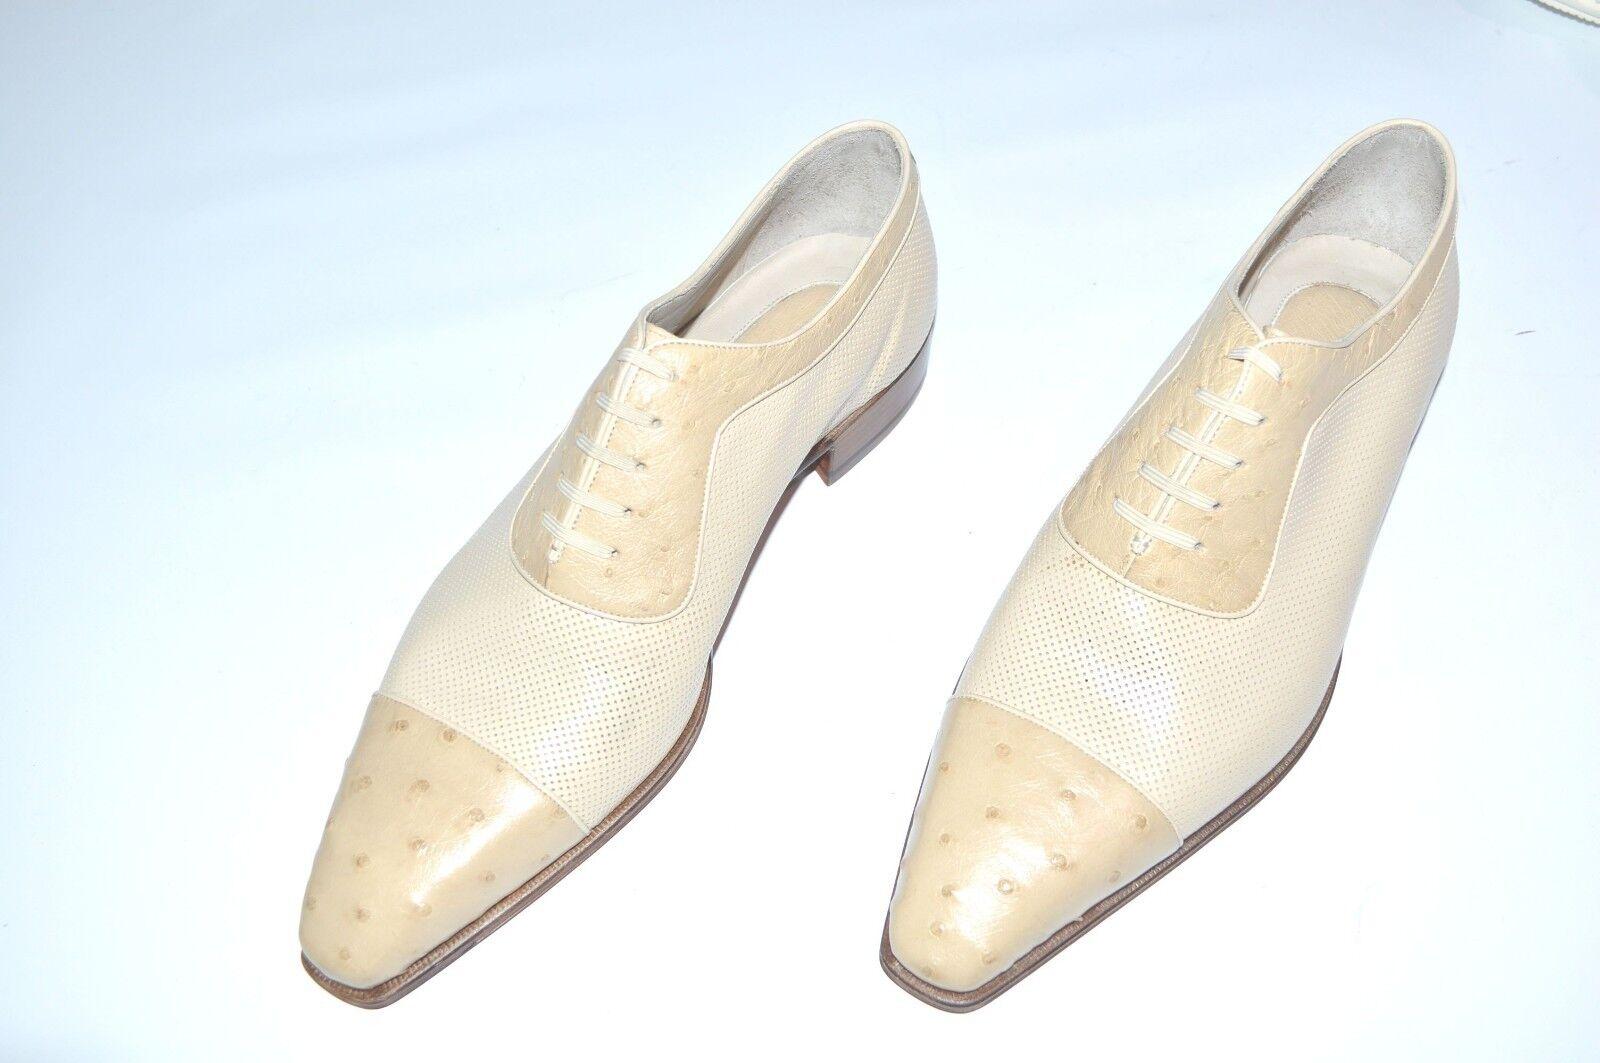 Nuevo STEFANO RICCI Cuero Avestruz Zapatos Talla nos 9 (COD S492)